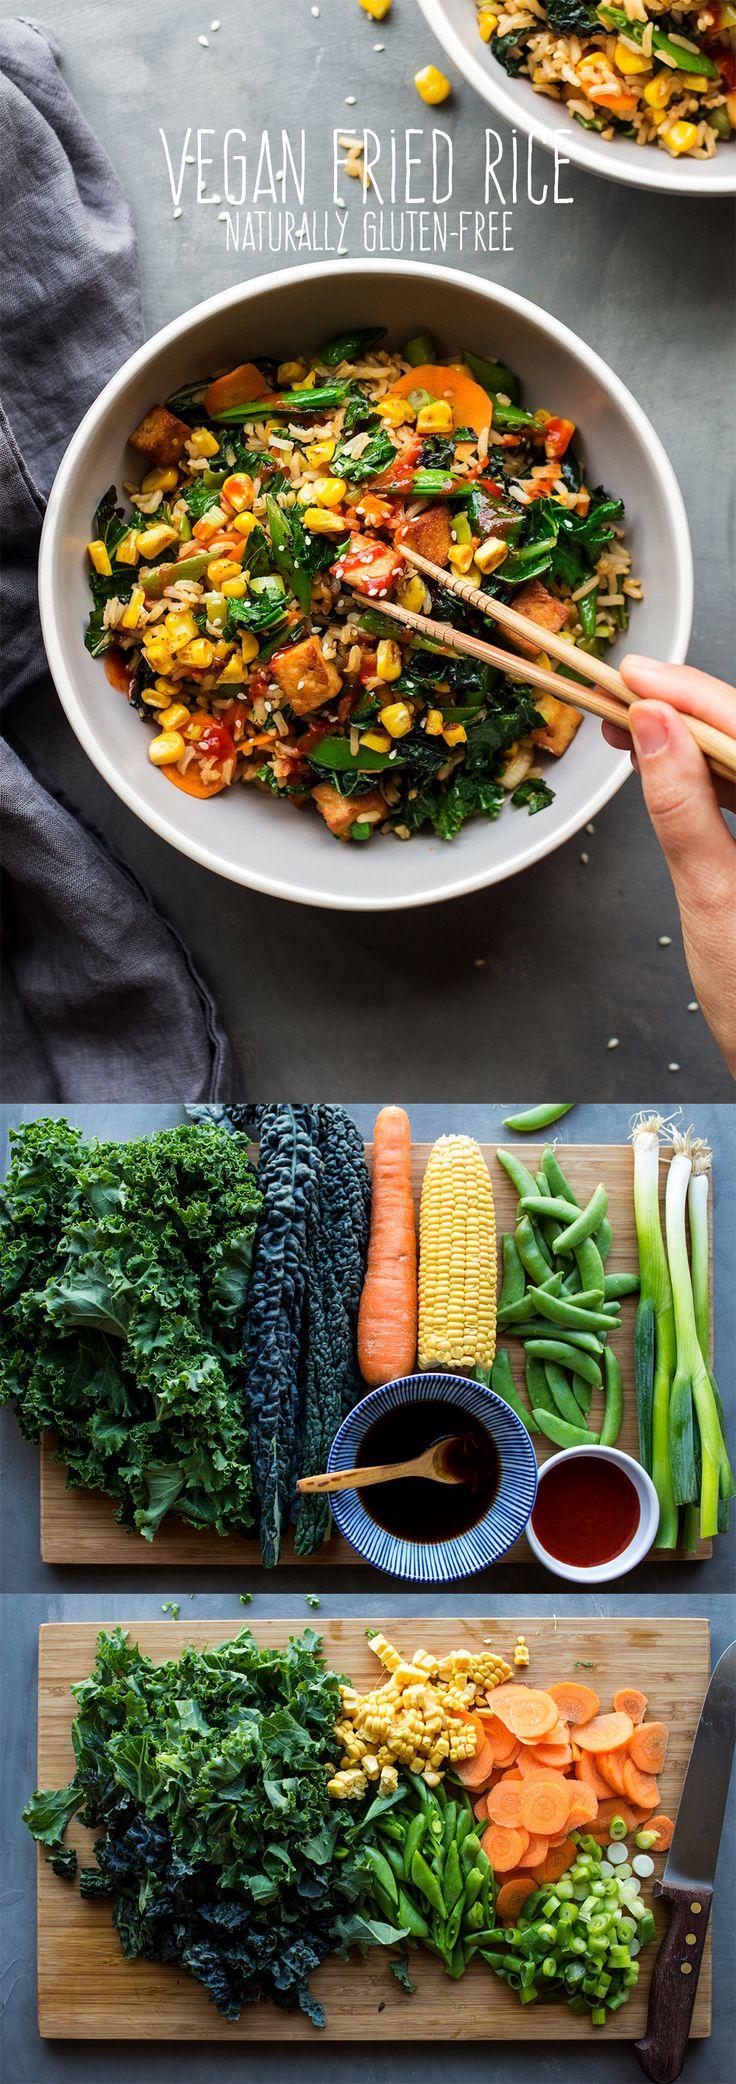 51 délicieuses recettes céto qui font le dîner parfait pour perdre du poids!   – Mouthwatering Vegan Recipes